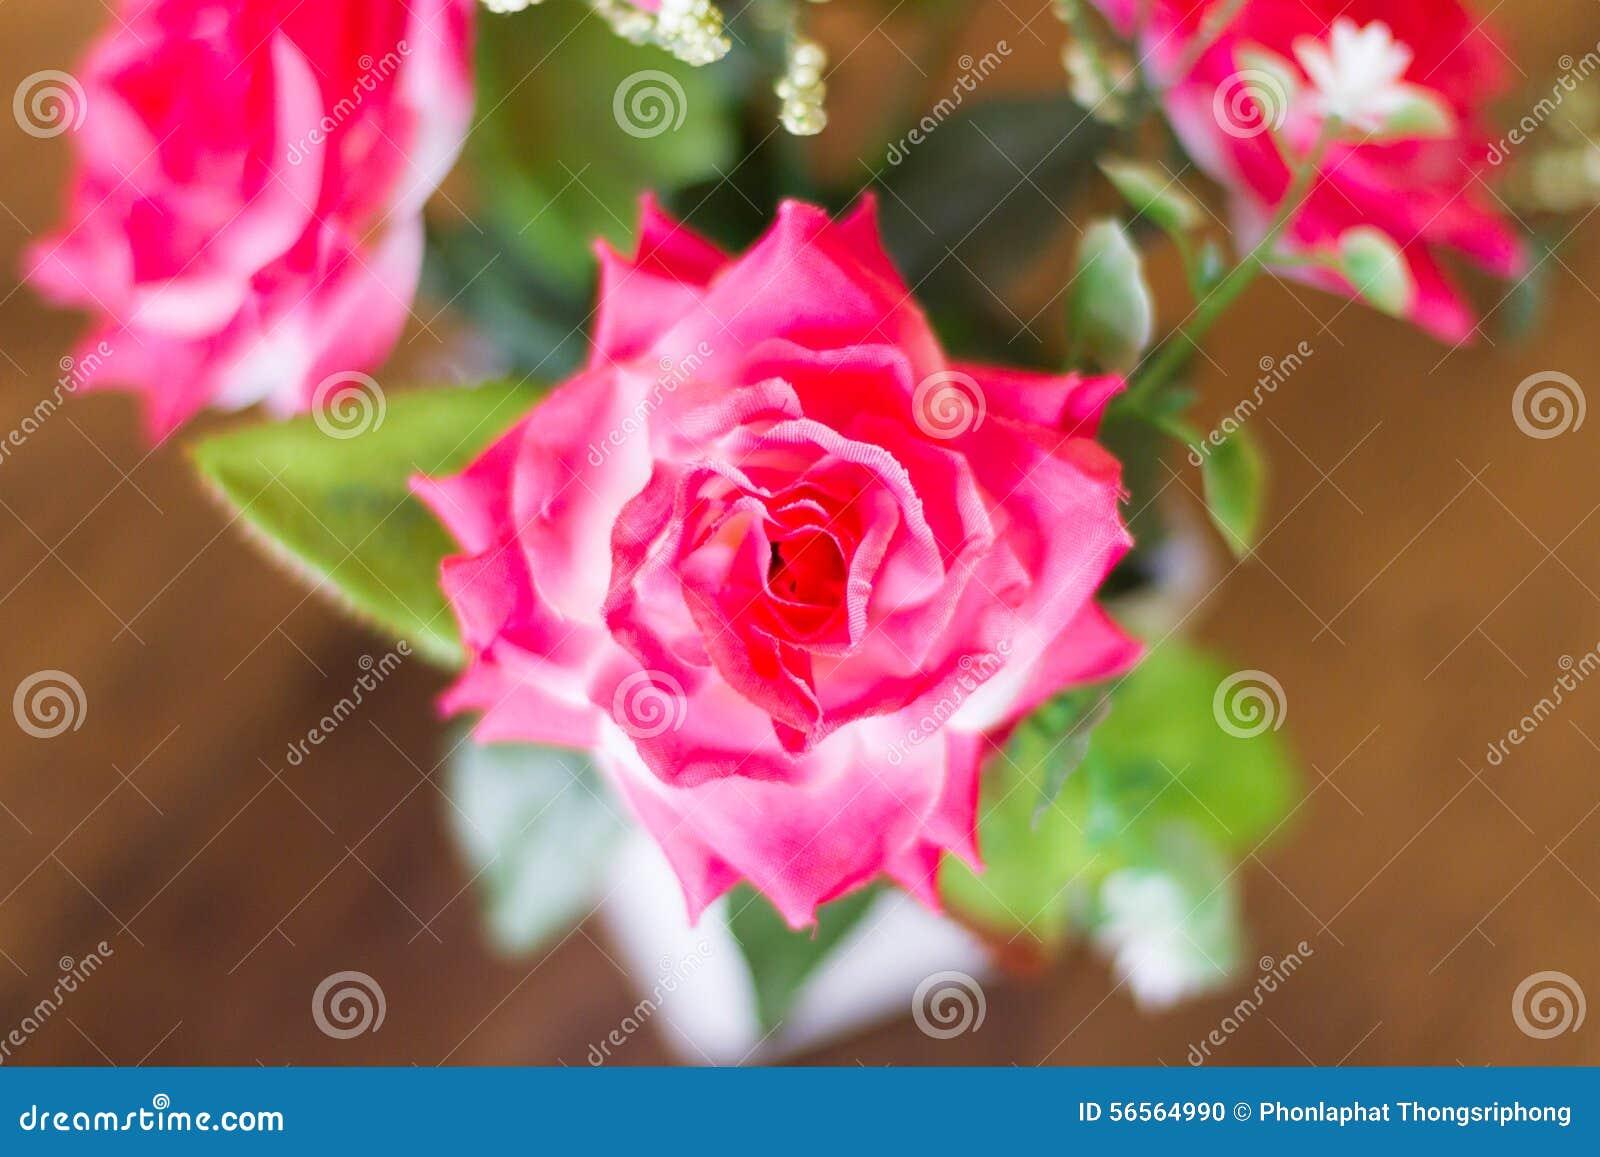 Download Πλαστικό λουλούδι στοκ εικόνες. εικόνα από φυτό, πλαστικό - 56564990